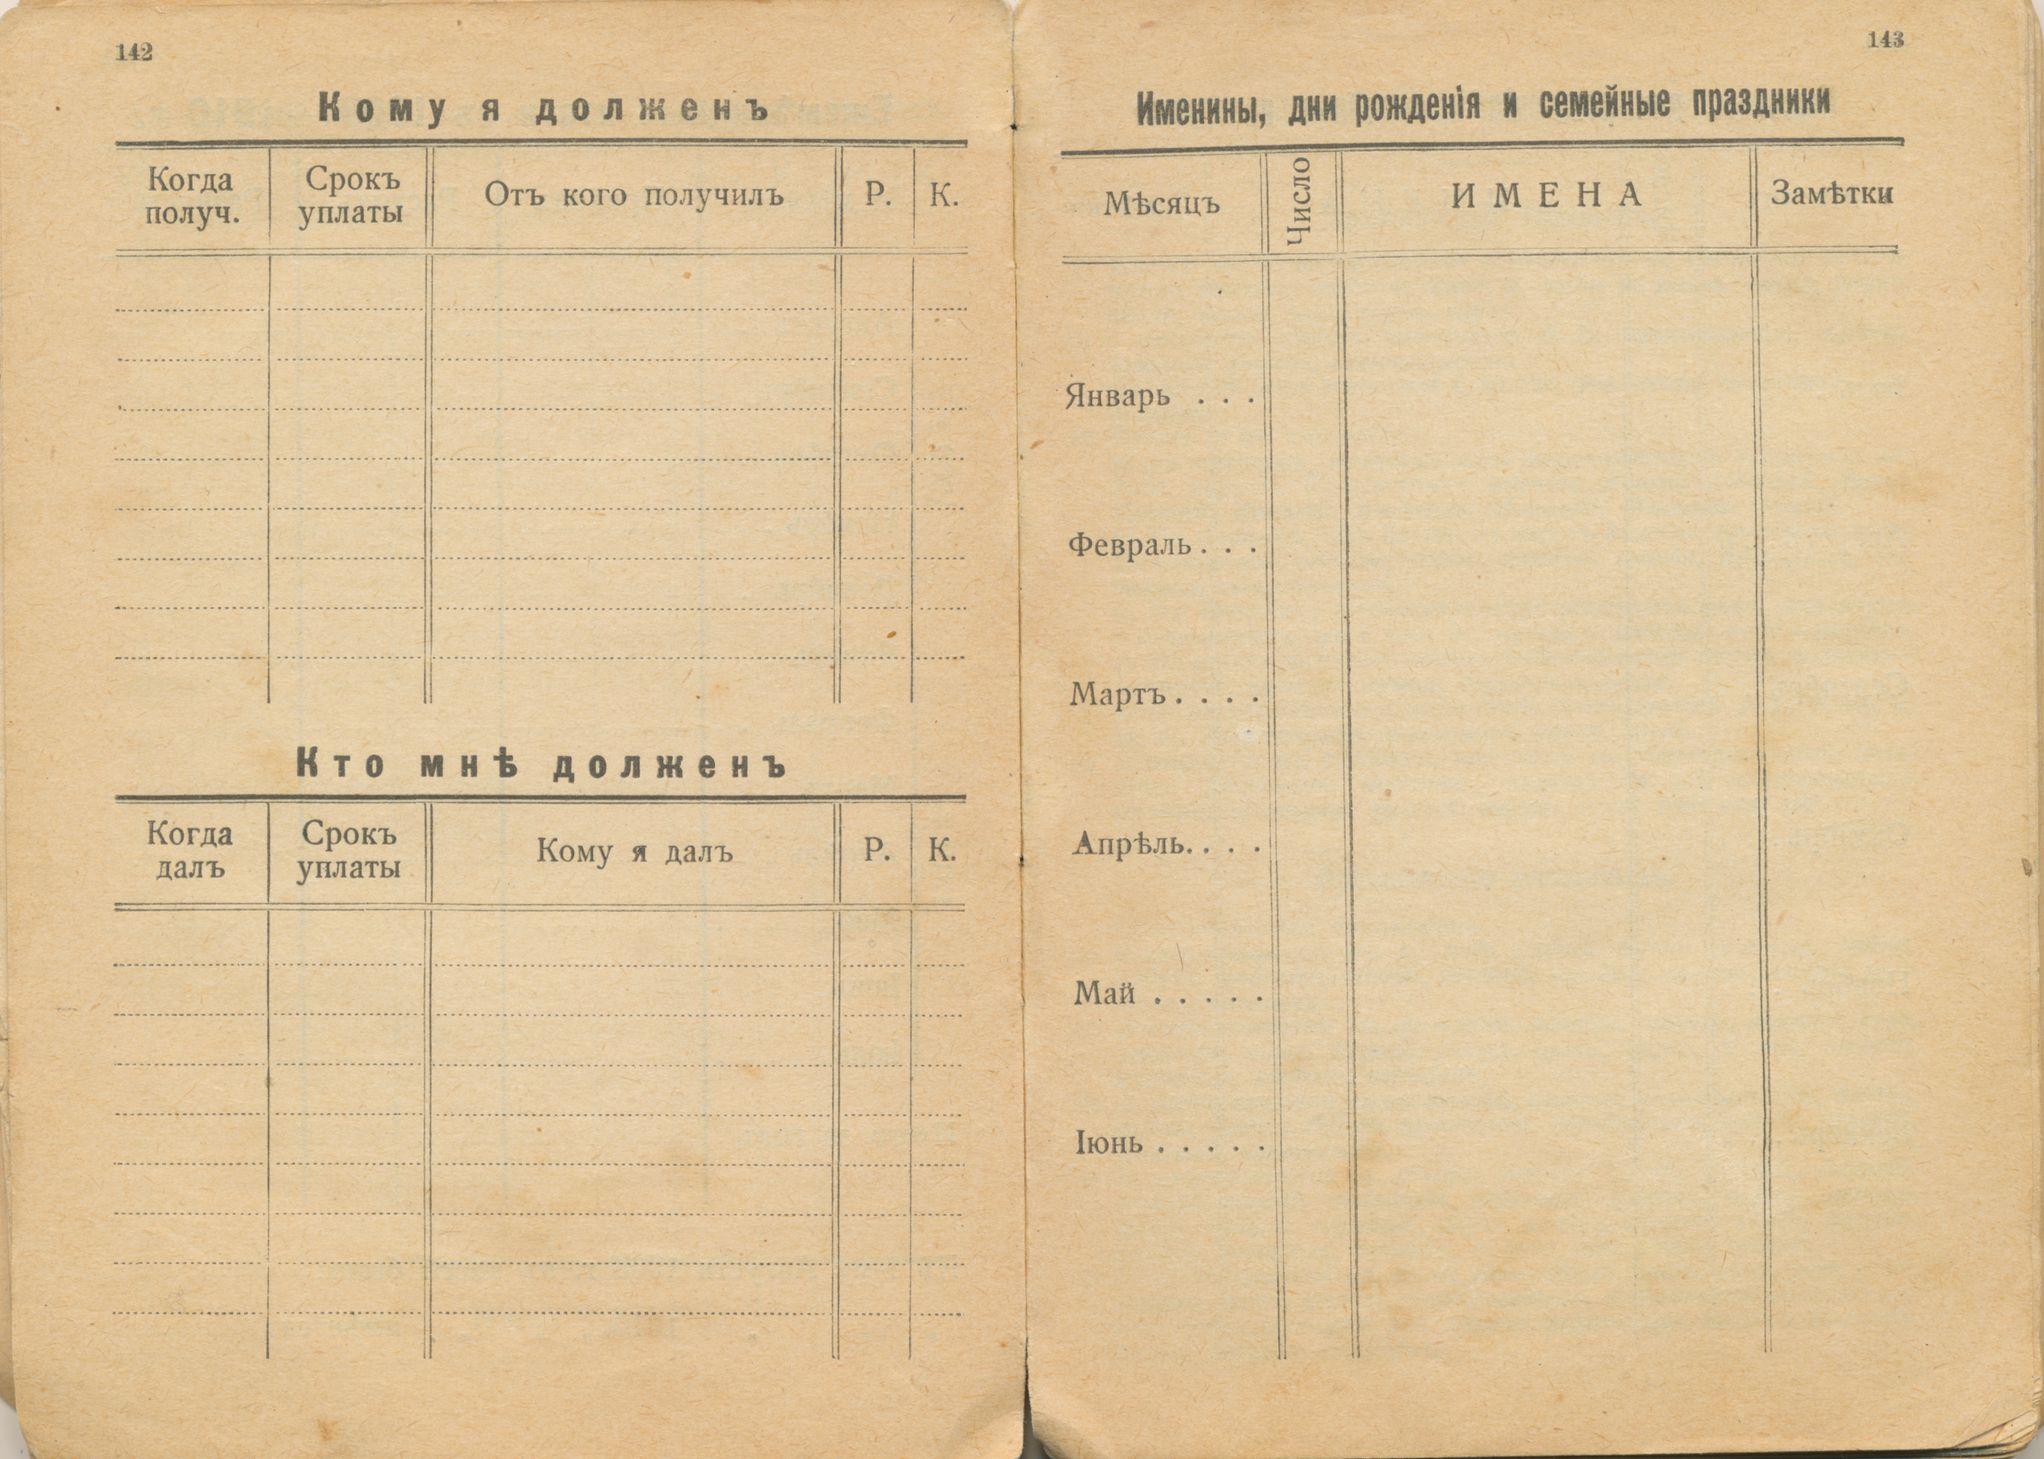 1 сентября 110 лет назад: тригонометрия, курс доллара и бенгальские огни - 15